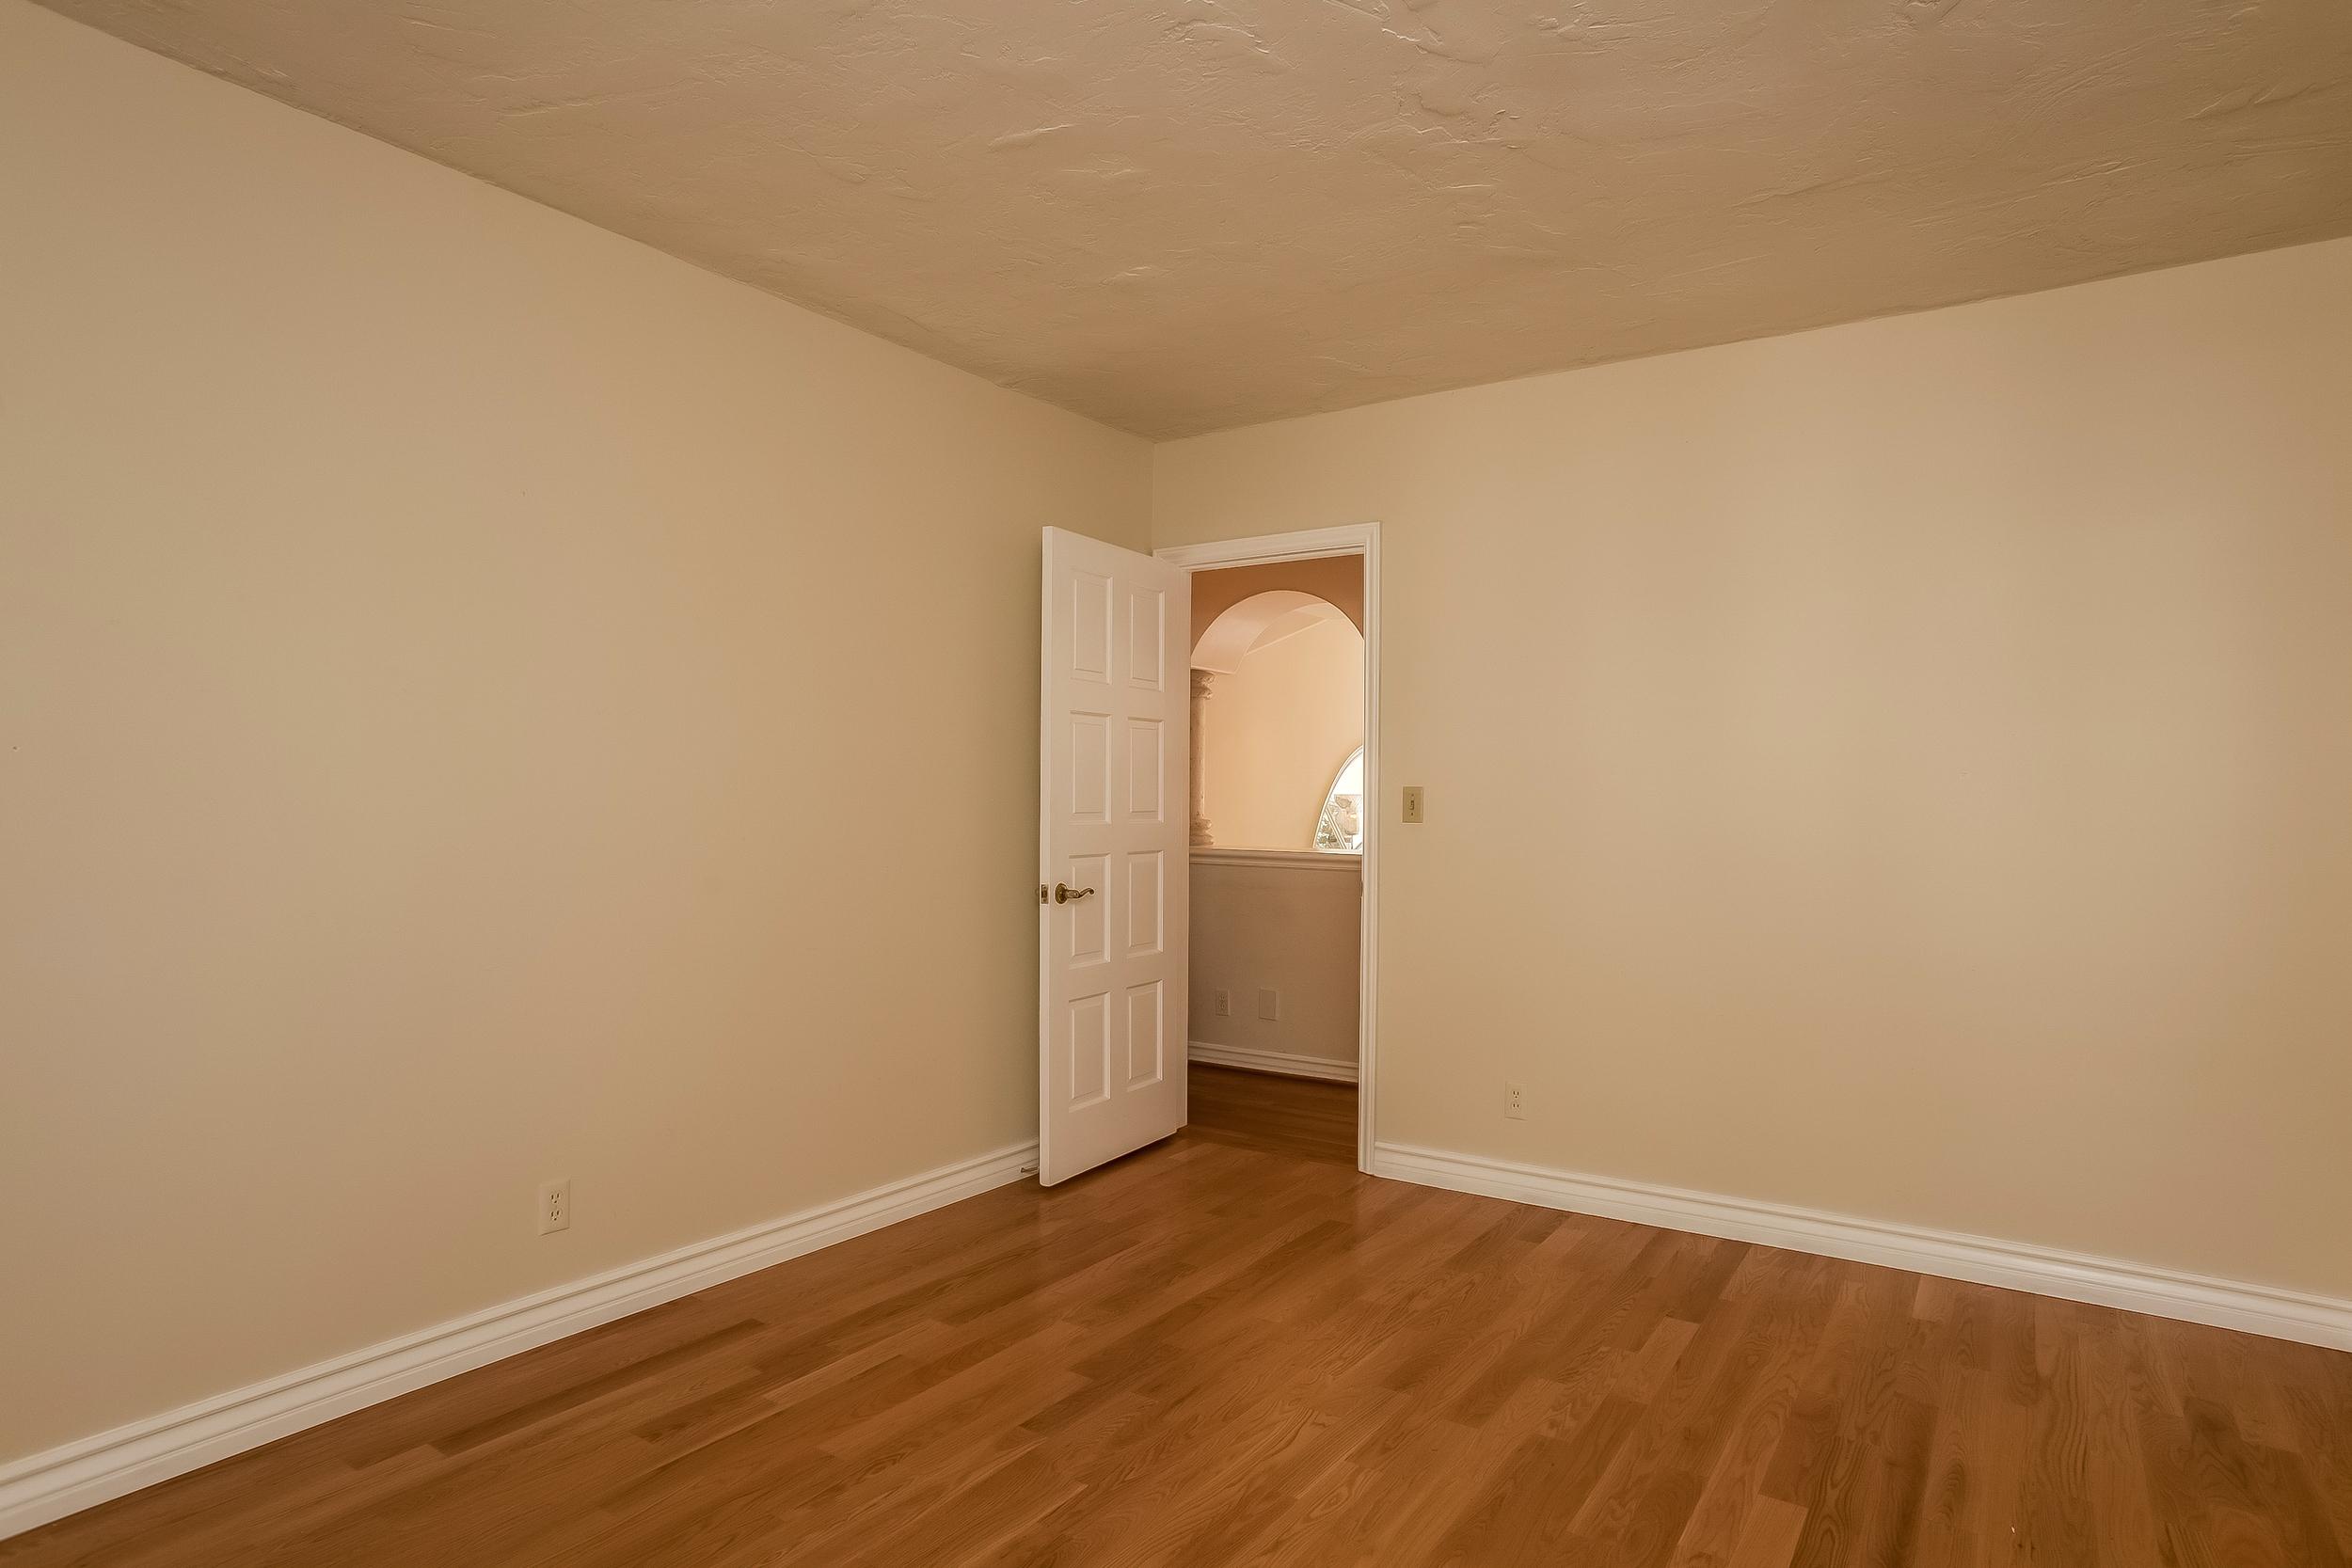 026-Bedroom-2804398-large.jpg